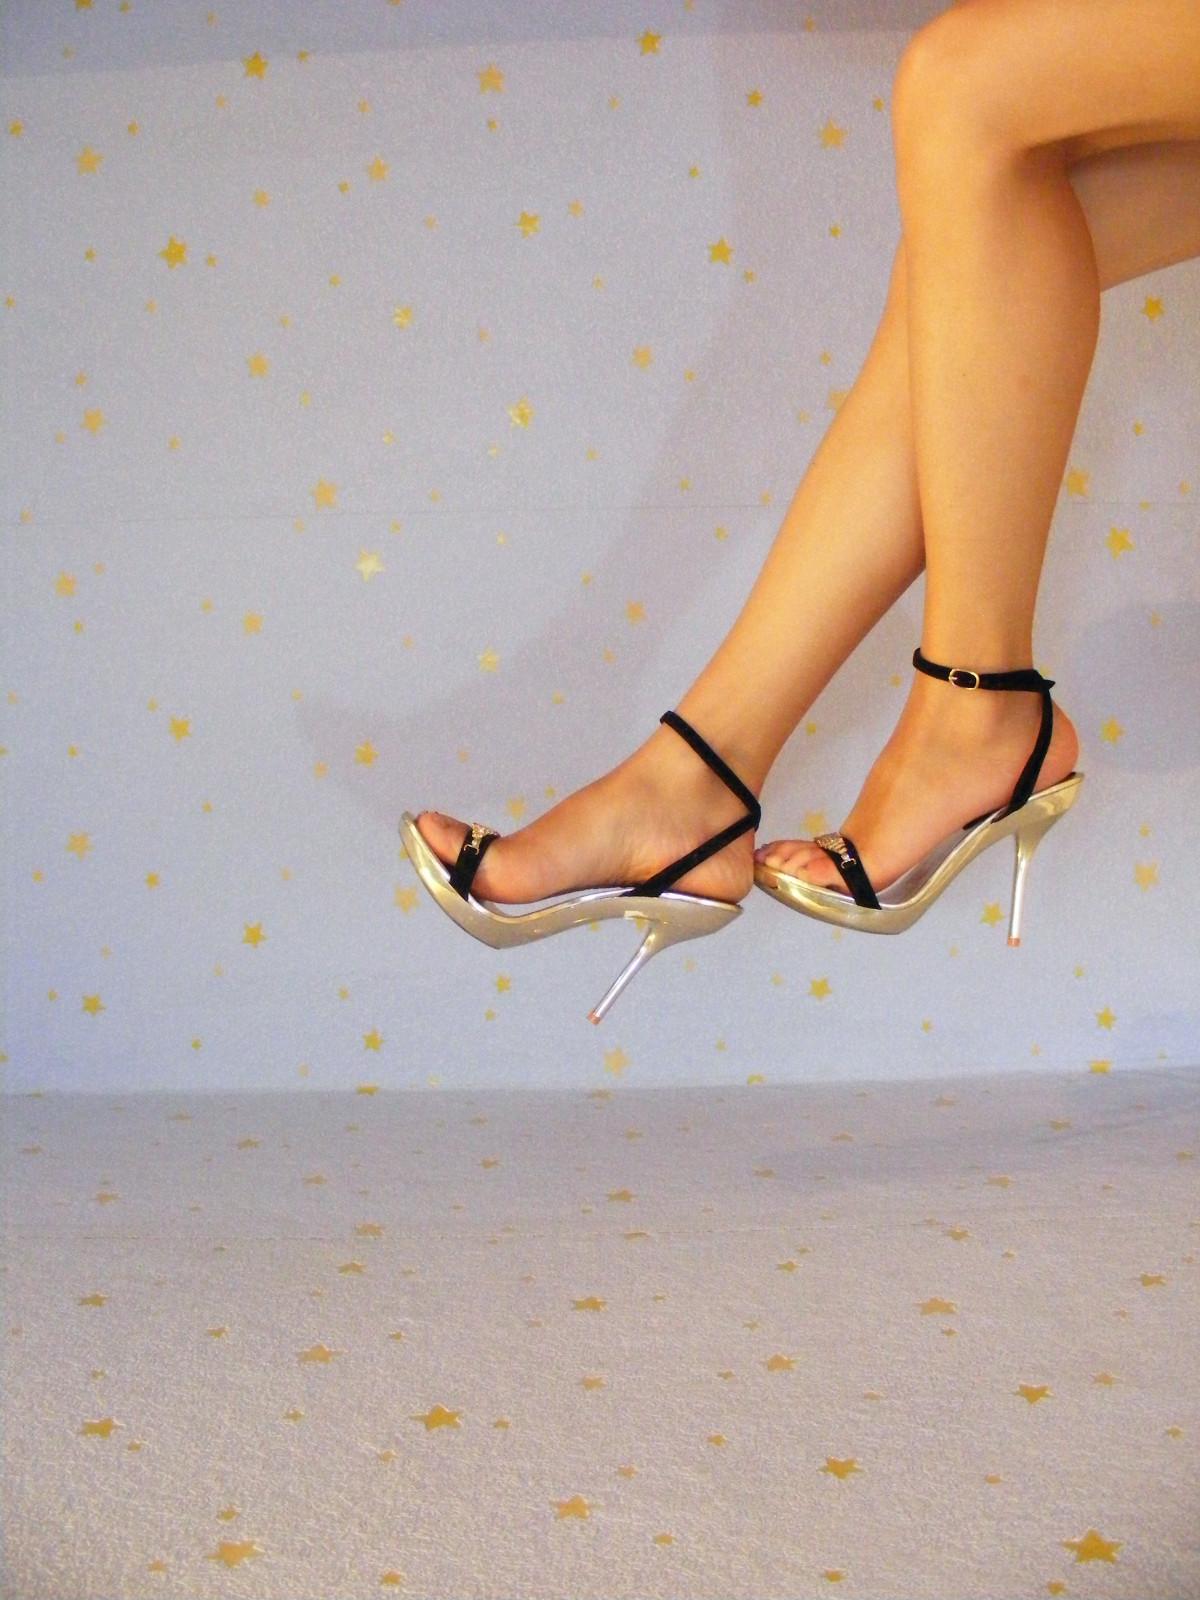 Трахают ножки девушек крупным планом фотообои фото золотого дождя